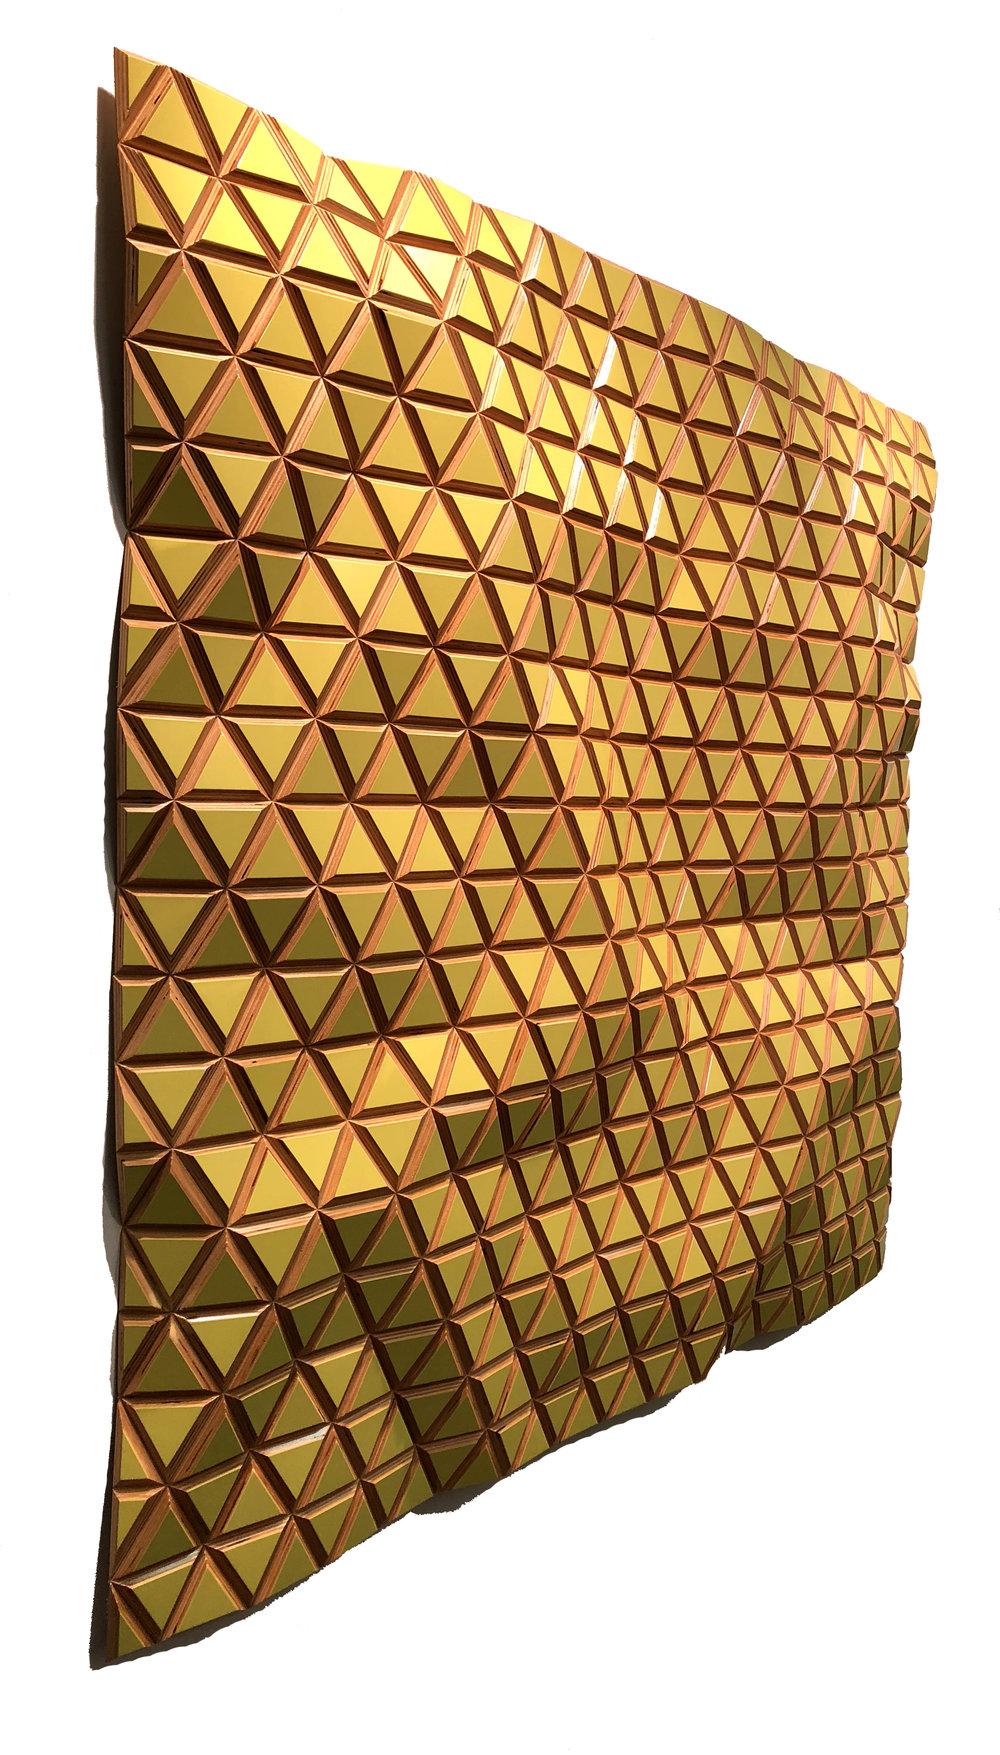 HGU_FR-Honeycomb Conjecture_57x59in_144x150cm_L2.jpg